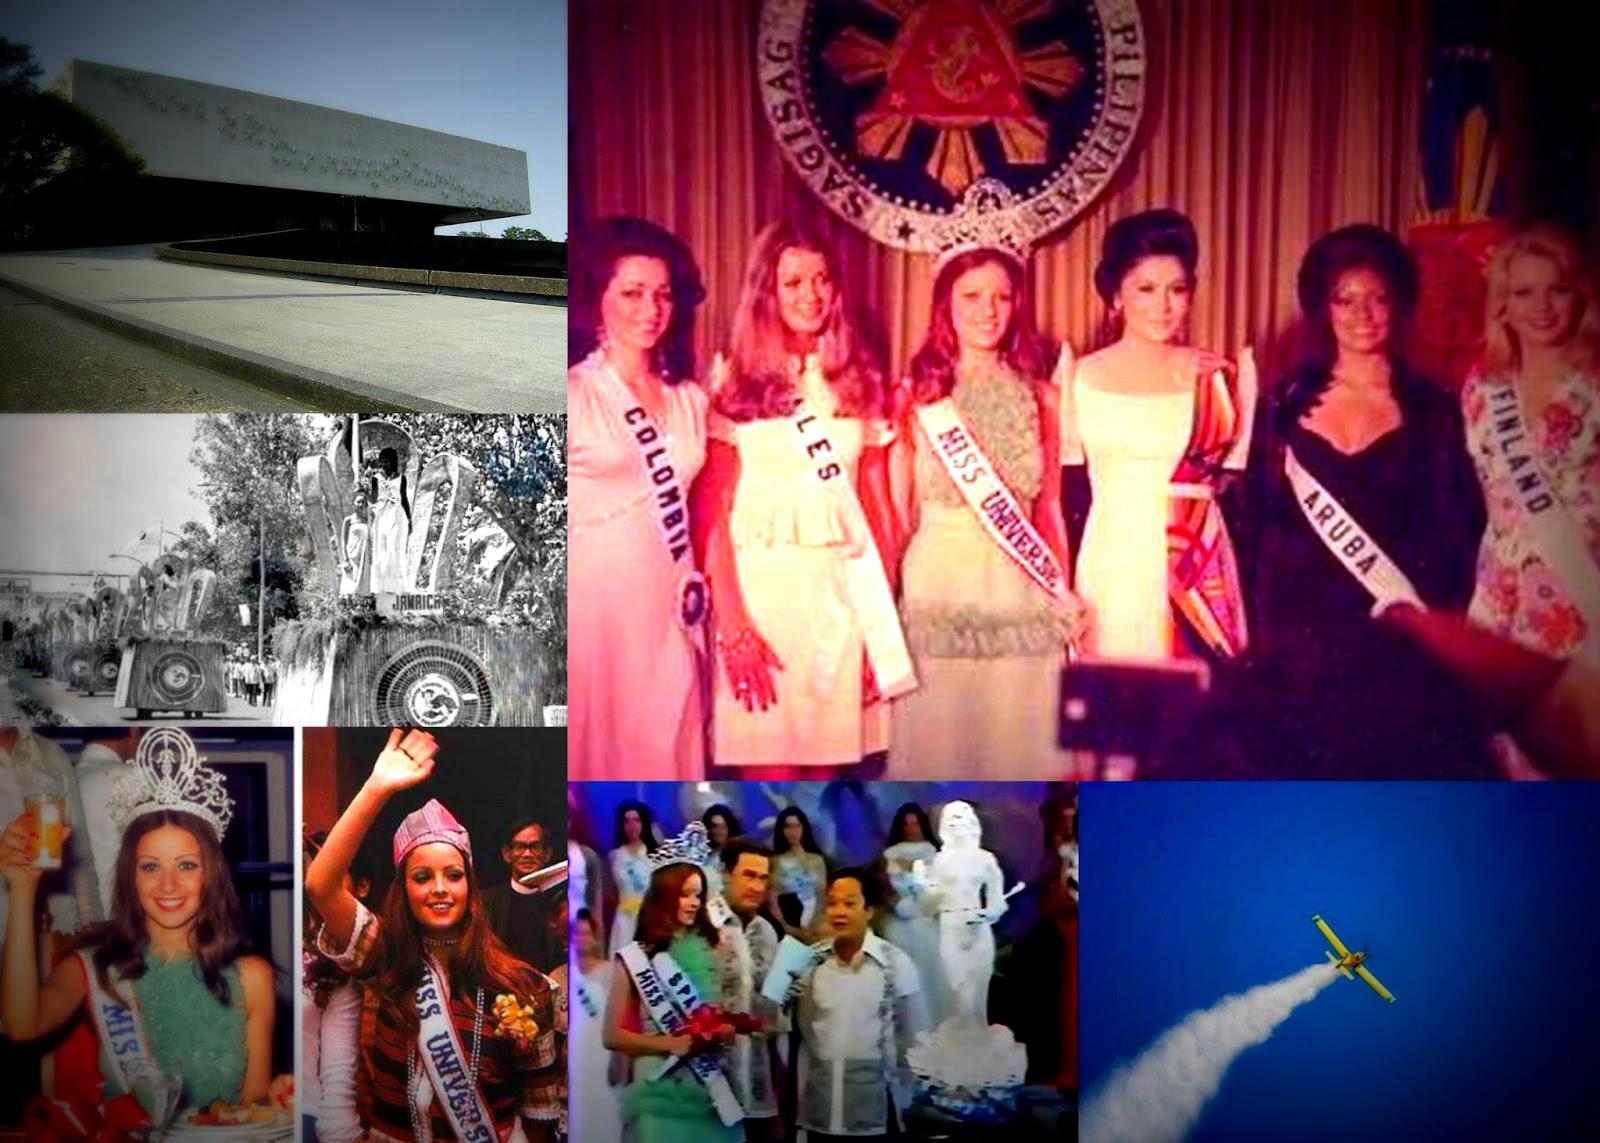 Amparo Muñoz Quesada Fotos 5 imeldific factsimelda marcos during miss universe 1974